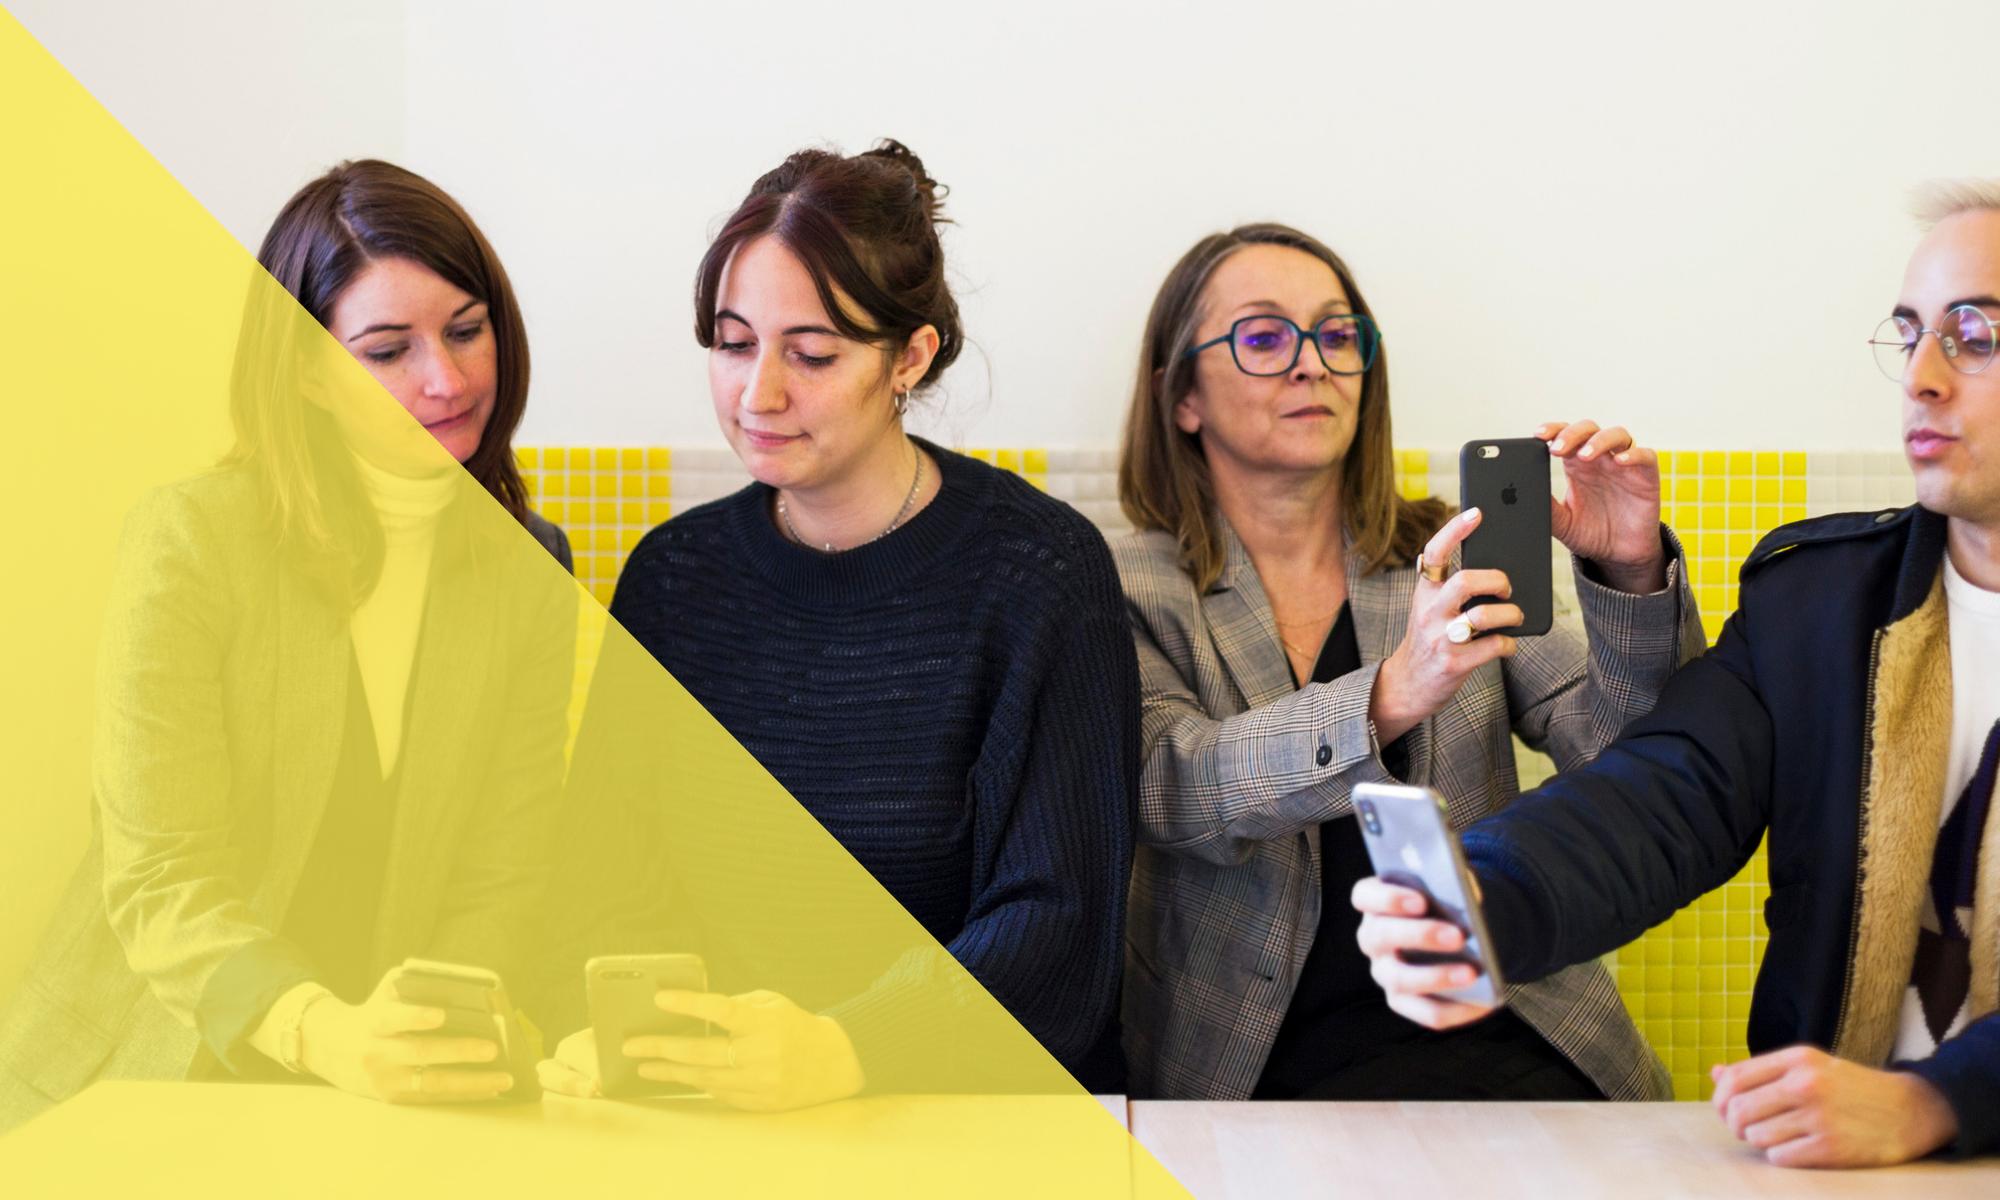 Programme ambassadeurs - Autour de votre communication institutionnelle d'entreprise, faites de vos collaborateurs volontaires des ambassadeurs engagés de votre entreprise sur les réseaux sociaux.